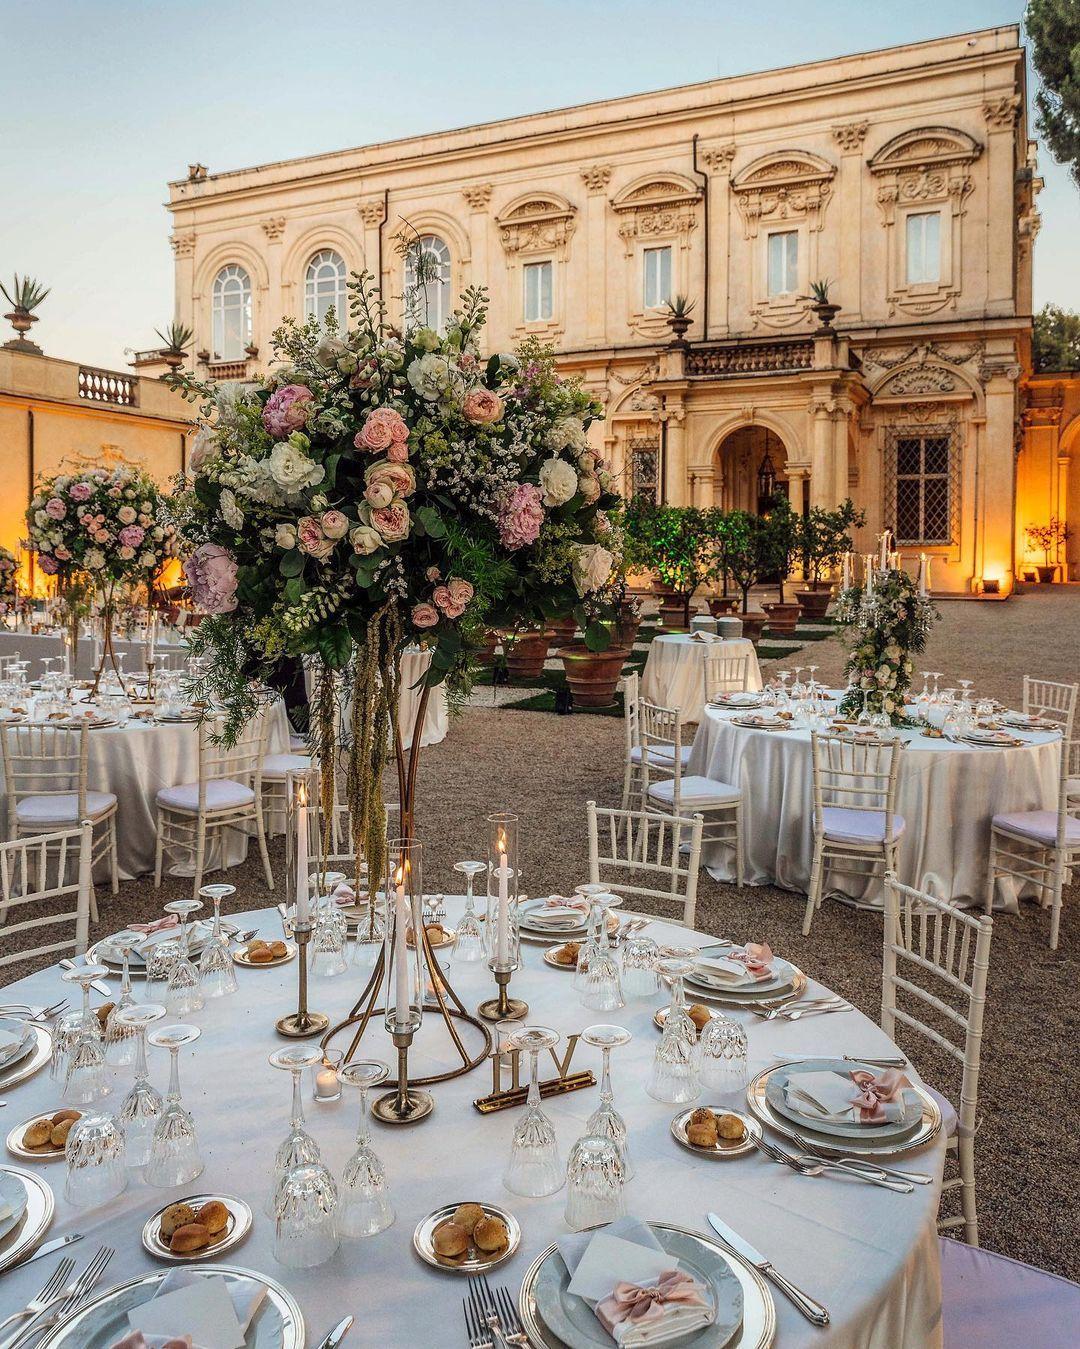 7 Exclusive Destination Wedding Venues In Europe